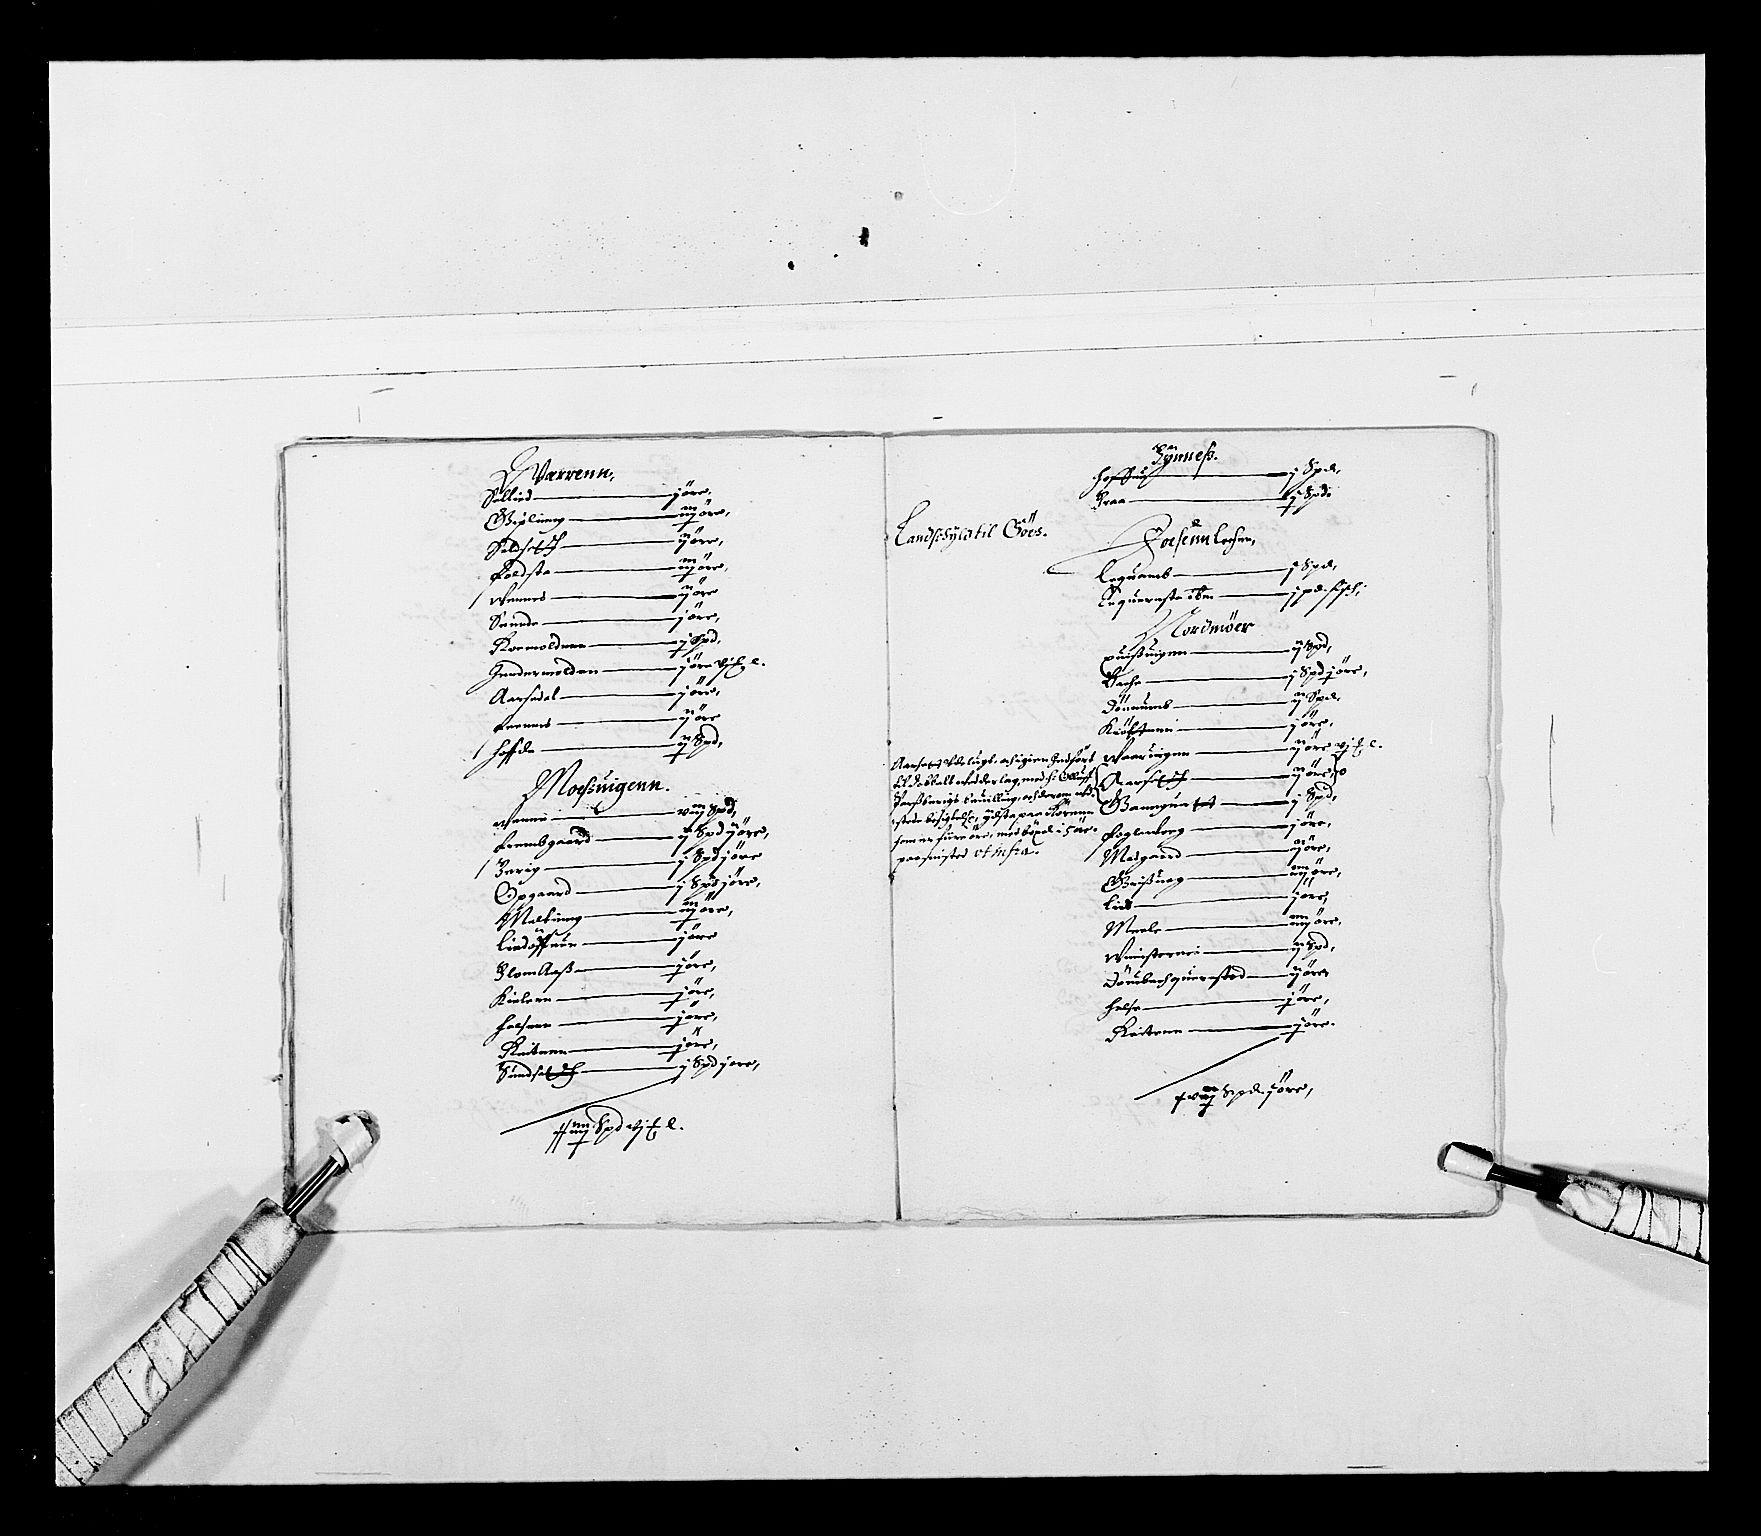 RA, Stattholderembetet 1572-1771, Ek/L0027: Jordebøker 1633-1658:, 1644-1645, s. 43